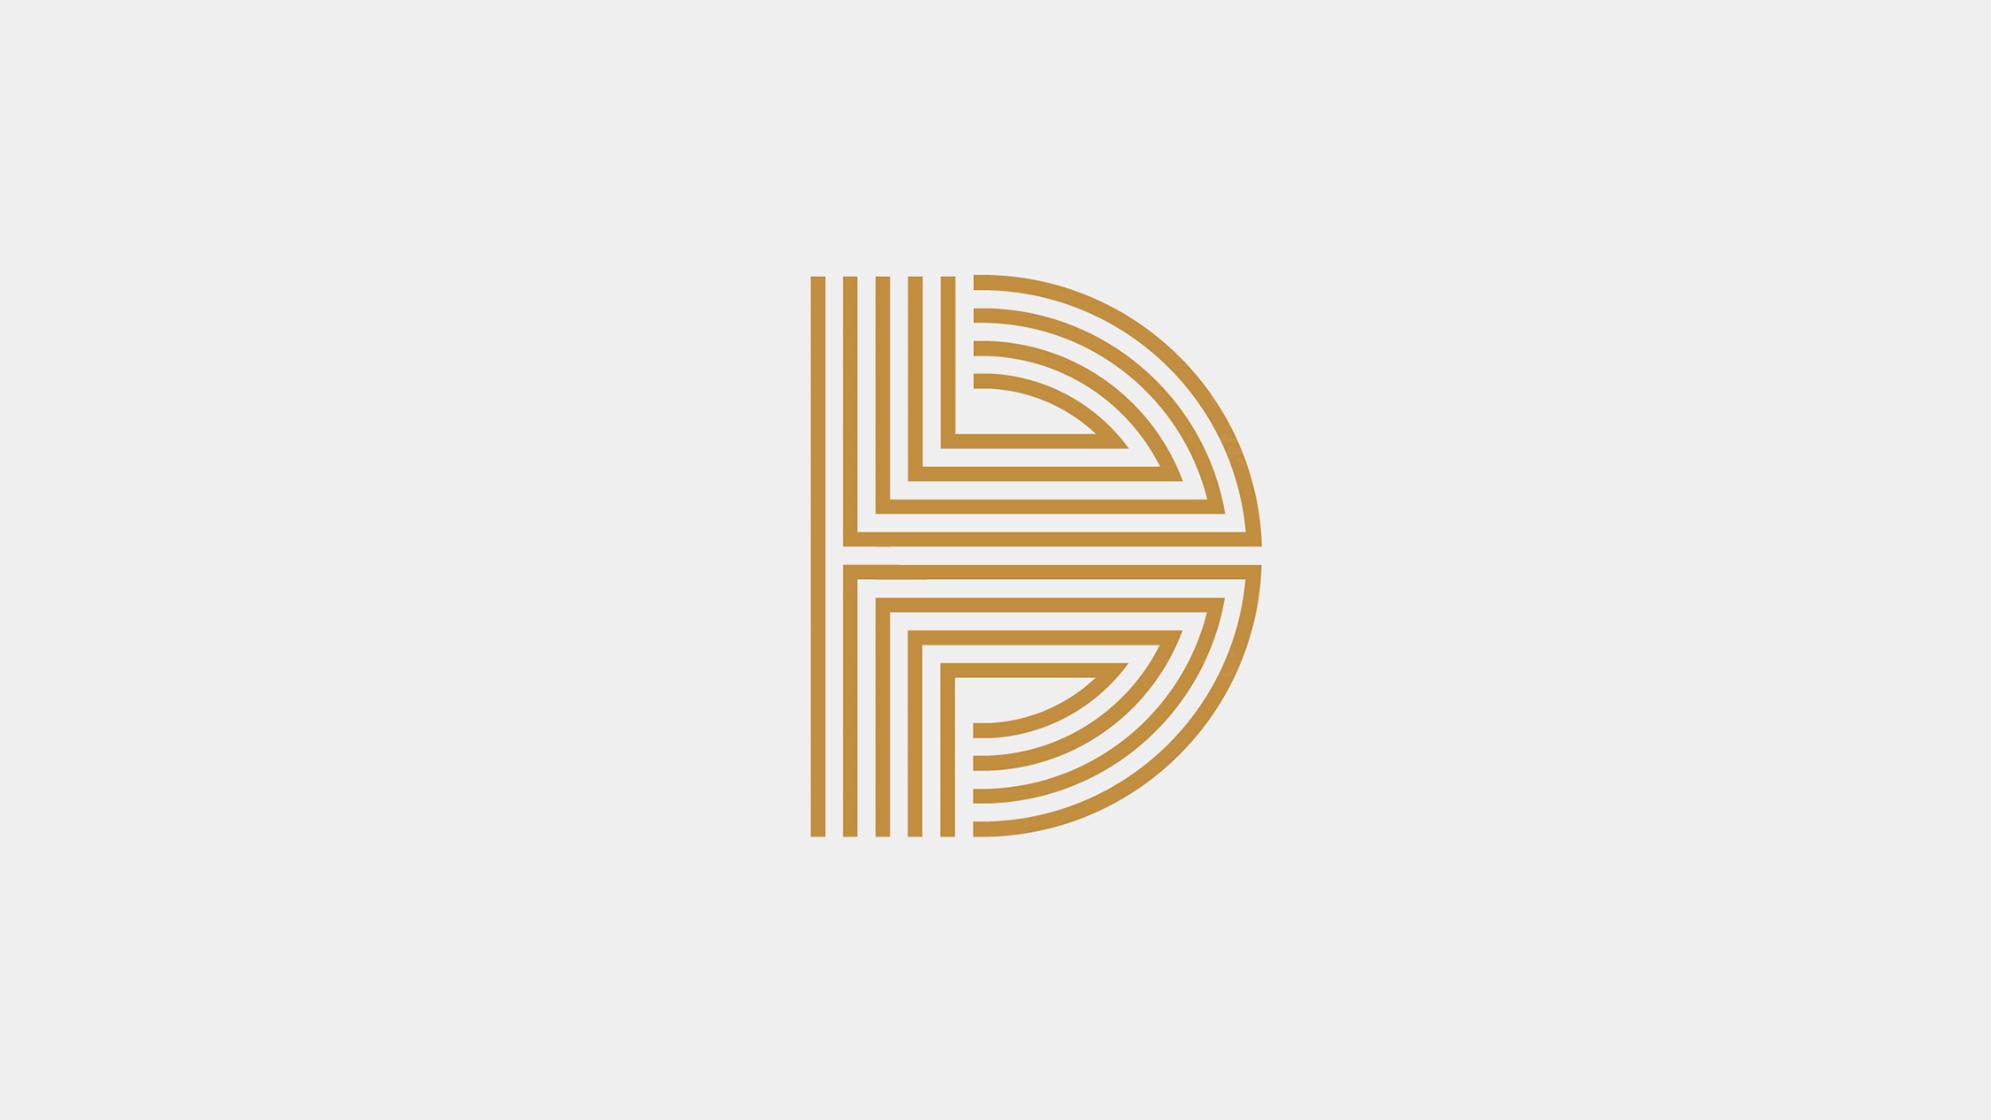 银行金融品牌设计弘达金融LOGO&VI设计